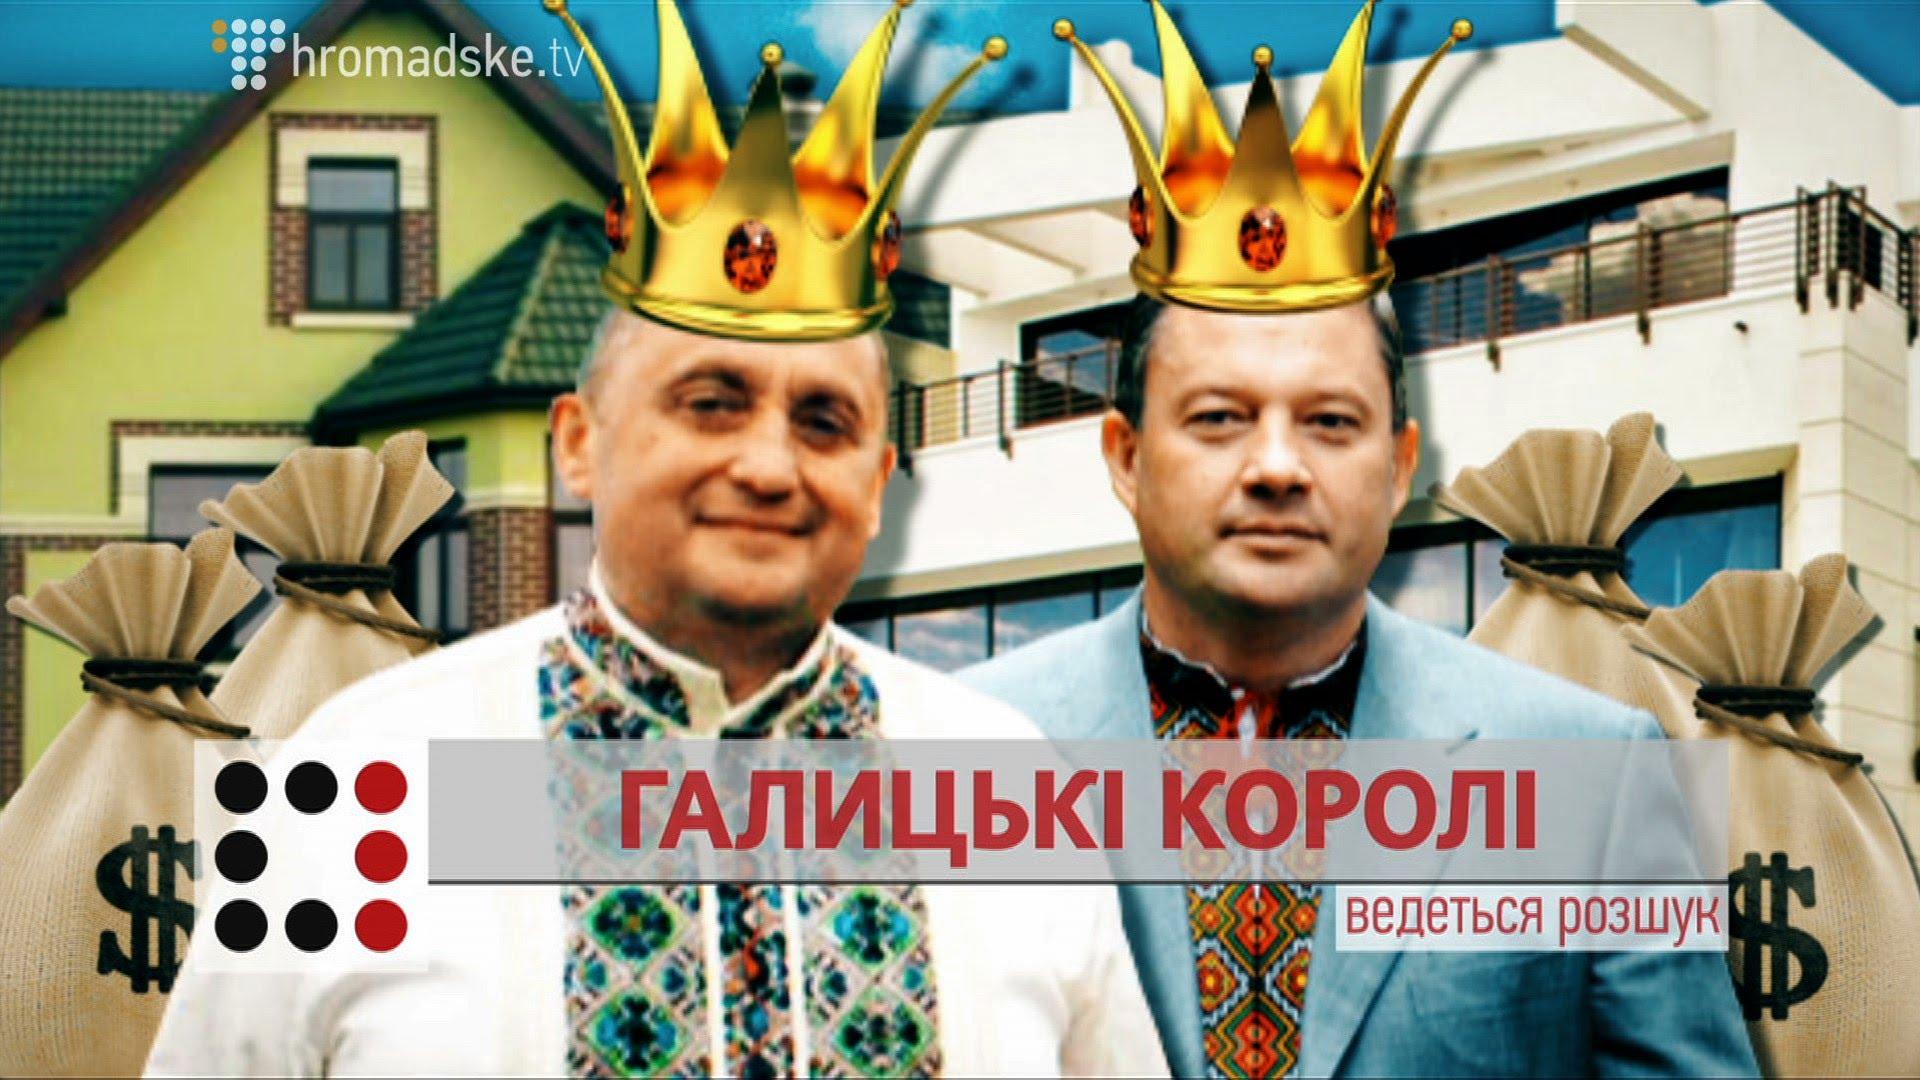 Галицькі королі: як Дубневичі заробили свої багатомільйонні статки (ВІДЕО)